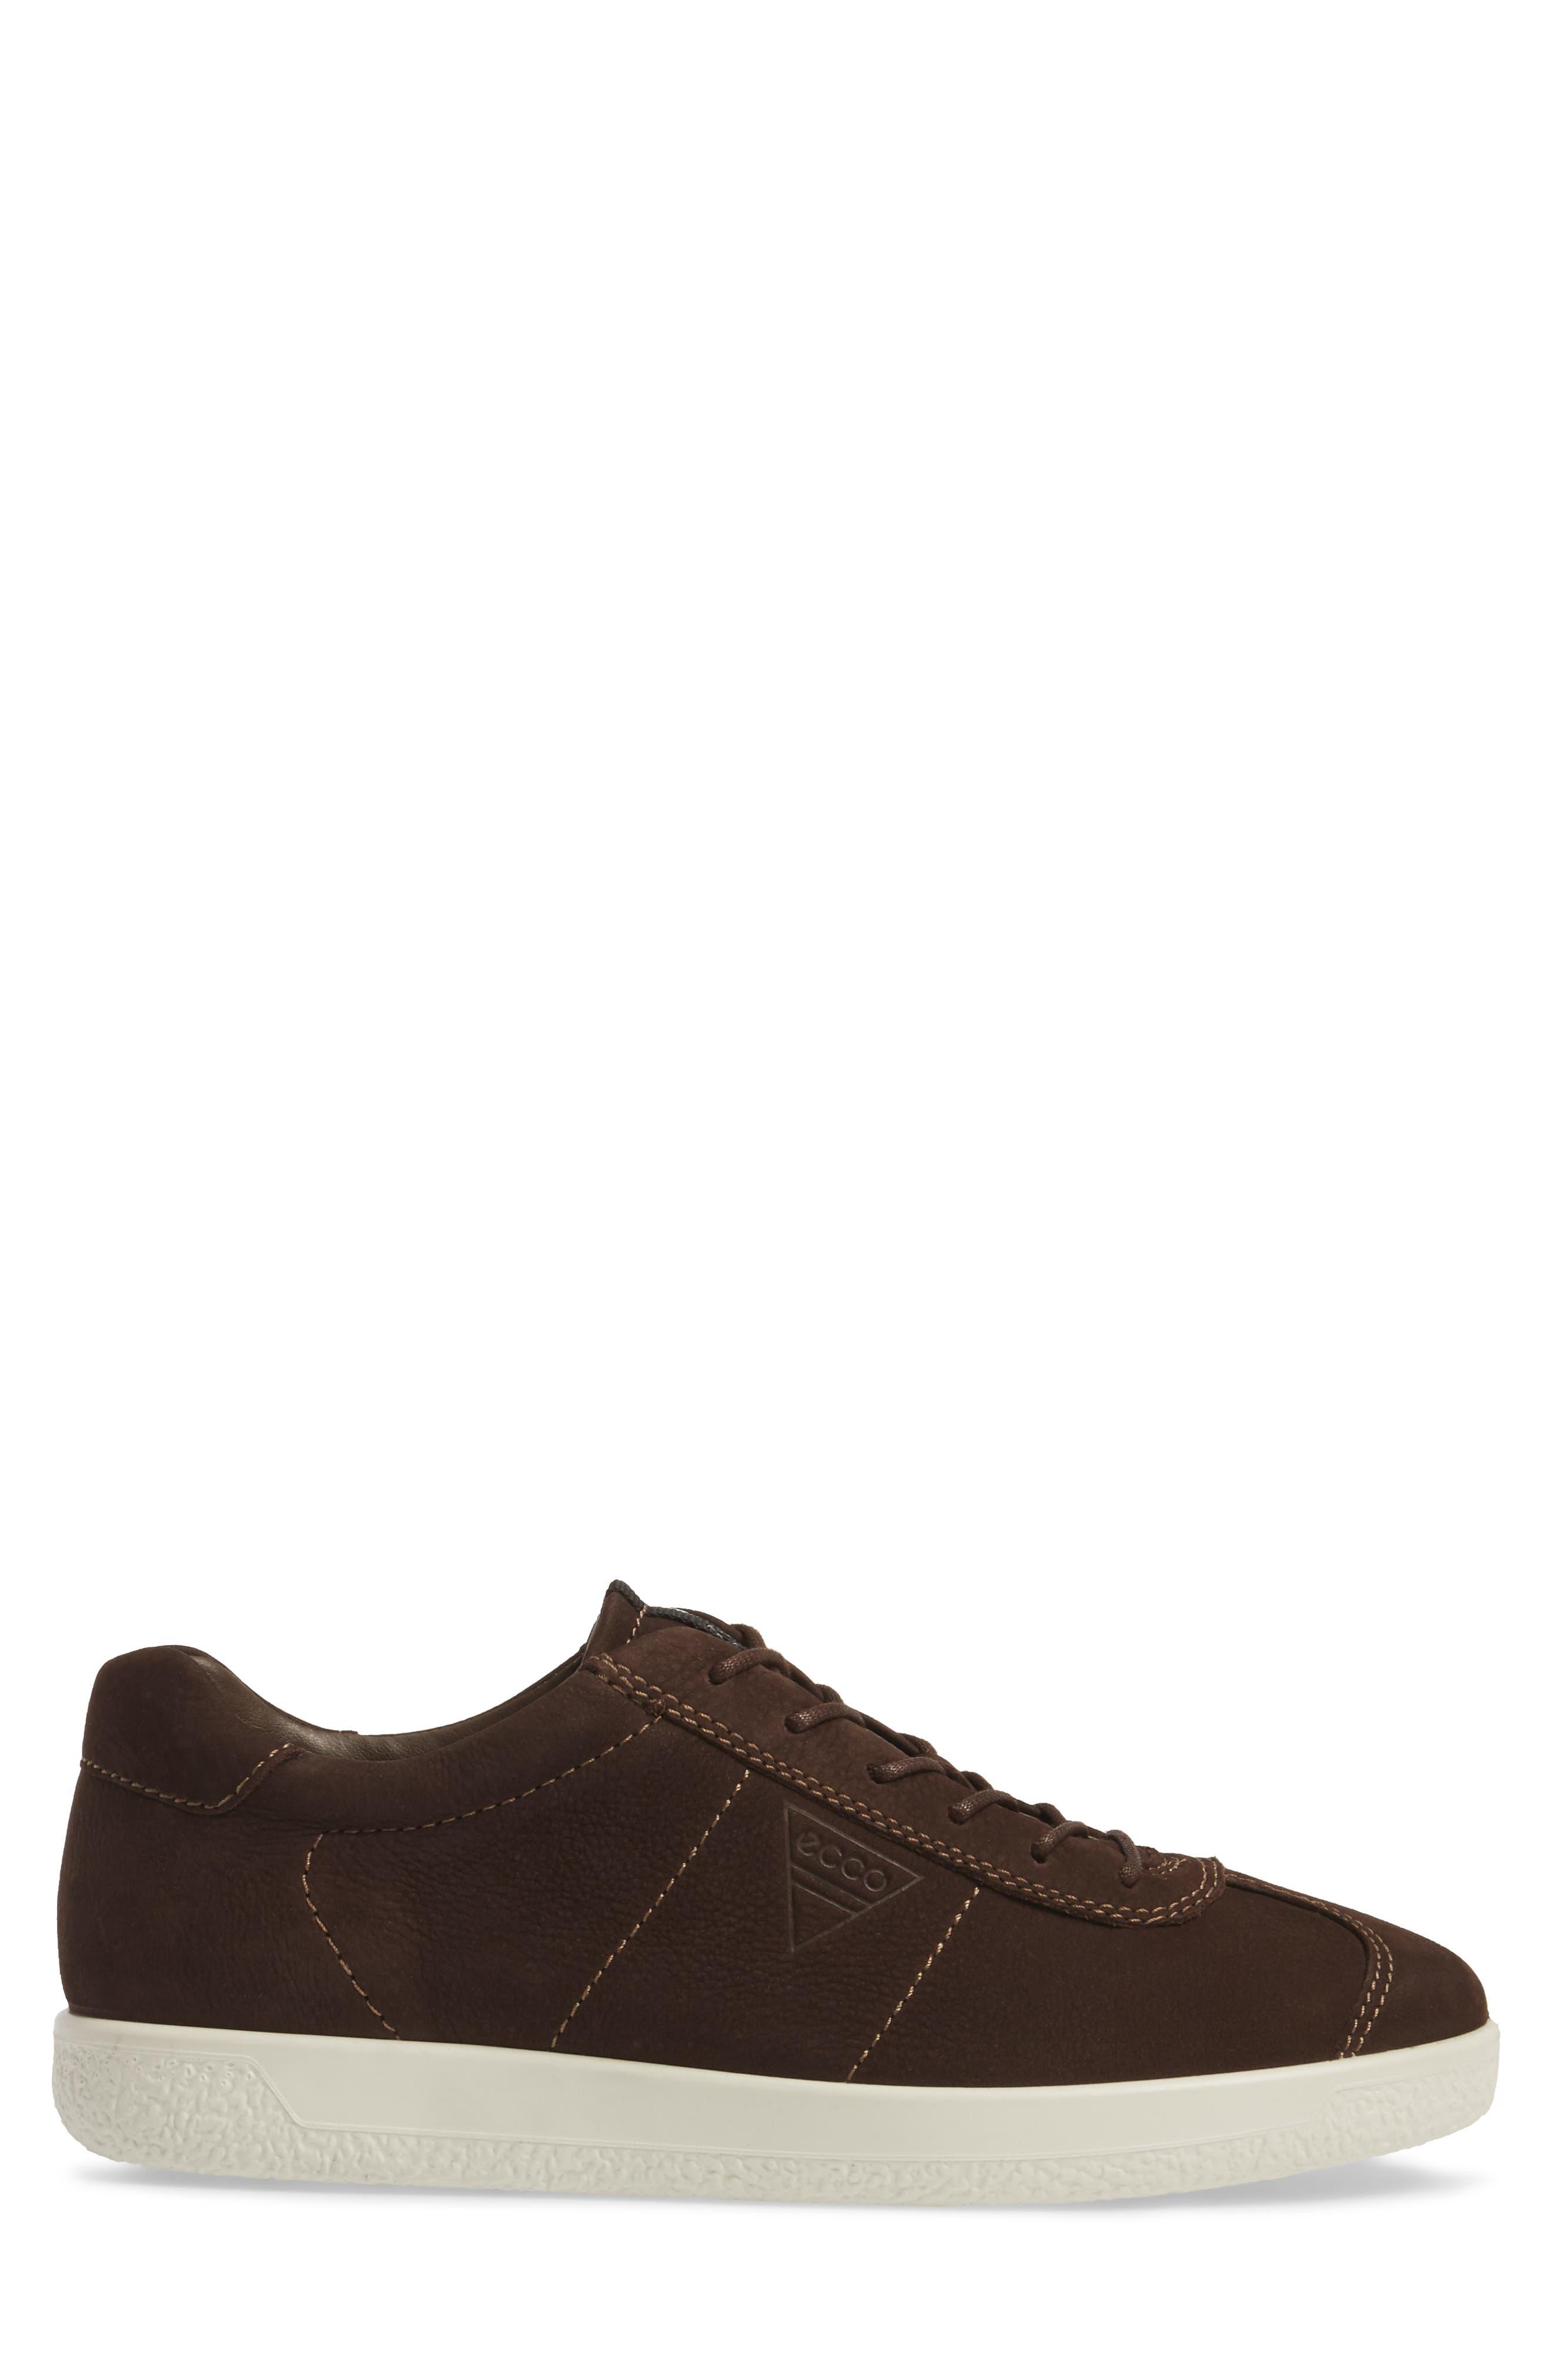 Soft 1 Sneaker,                             Alternate thumbnail 14, color,